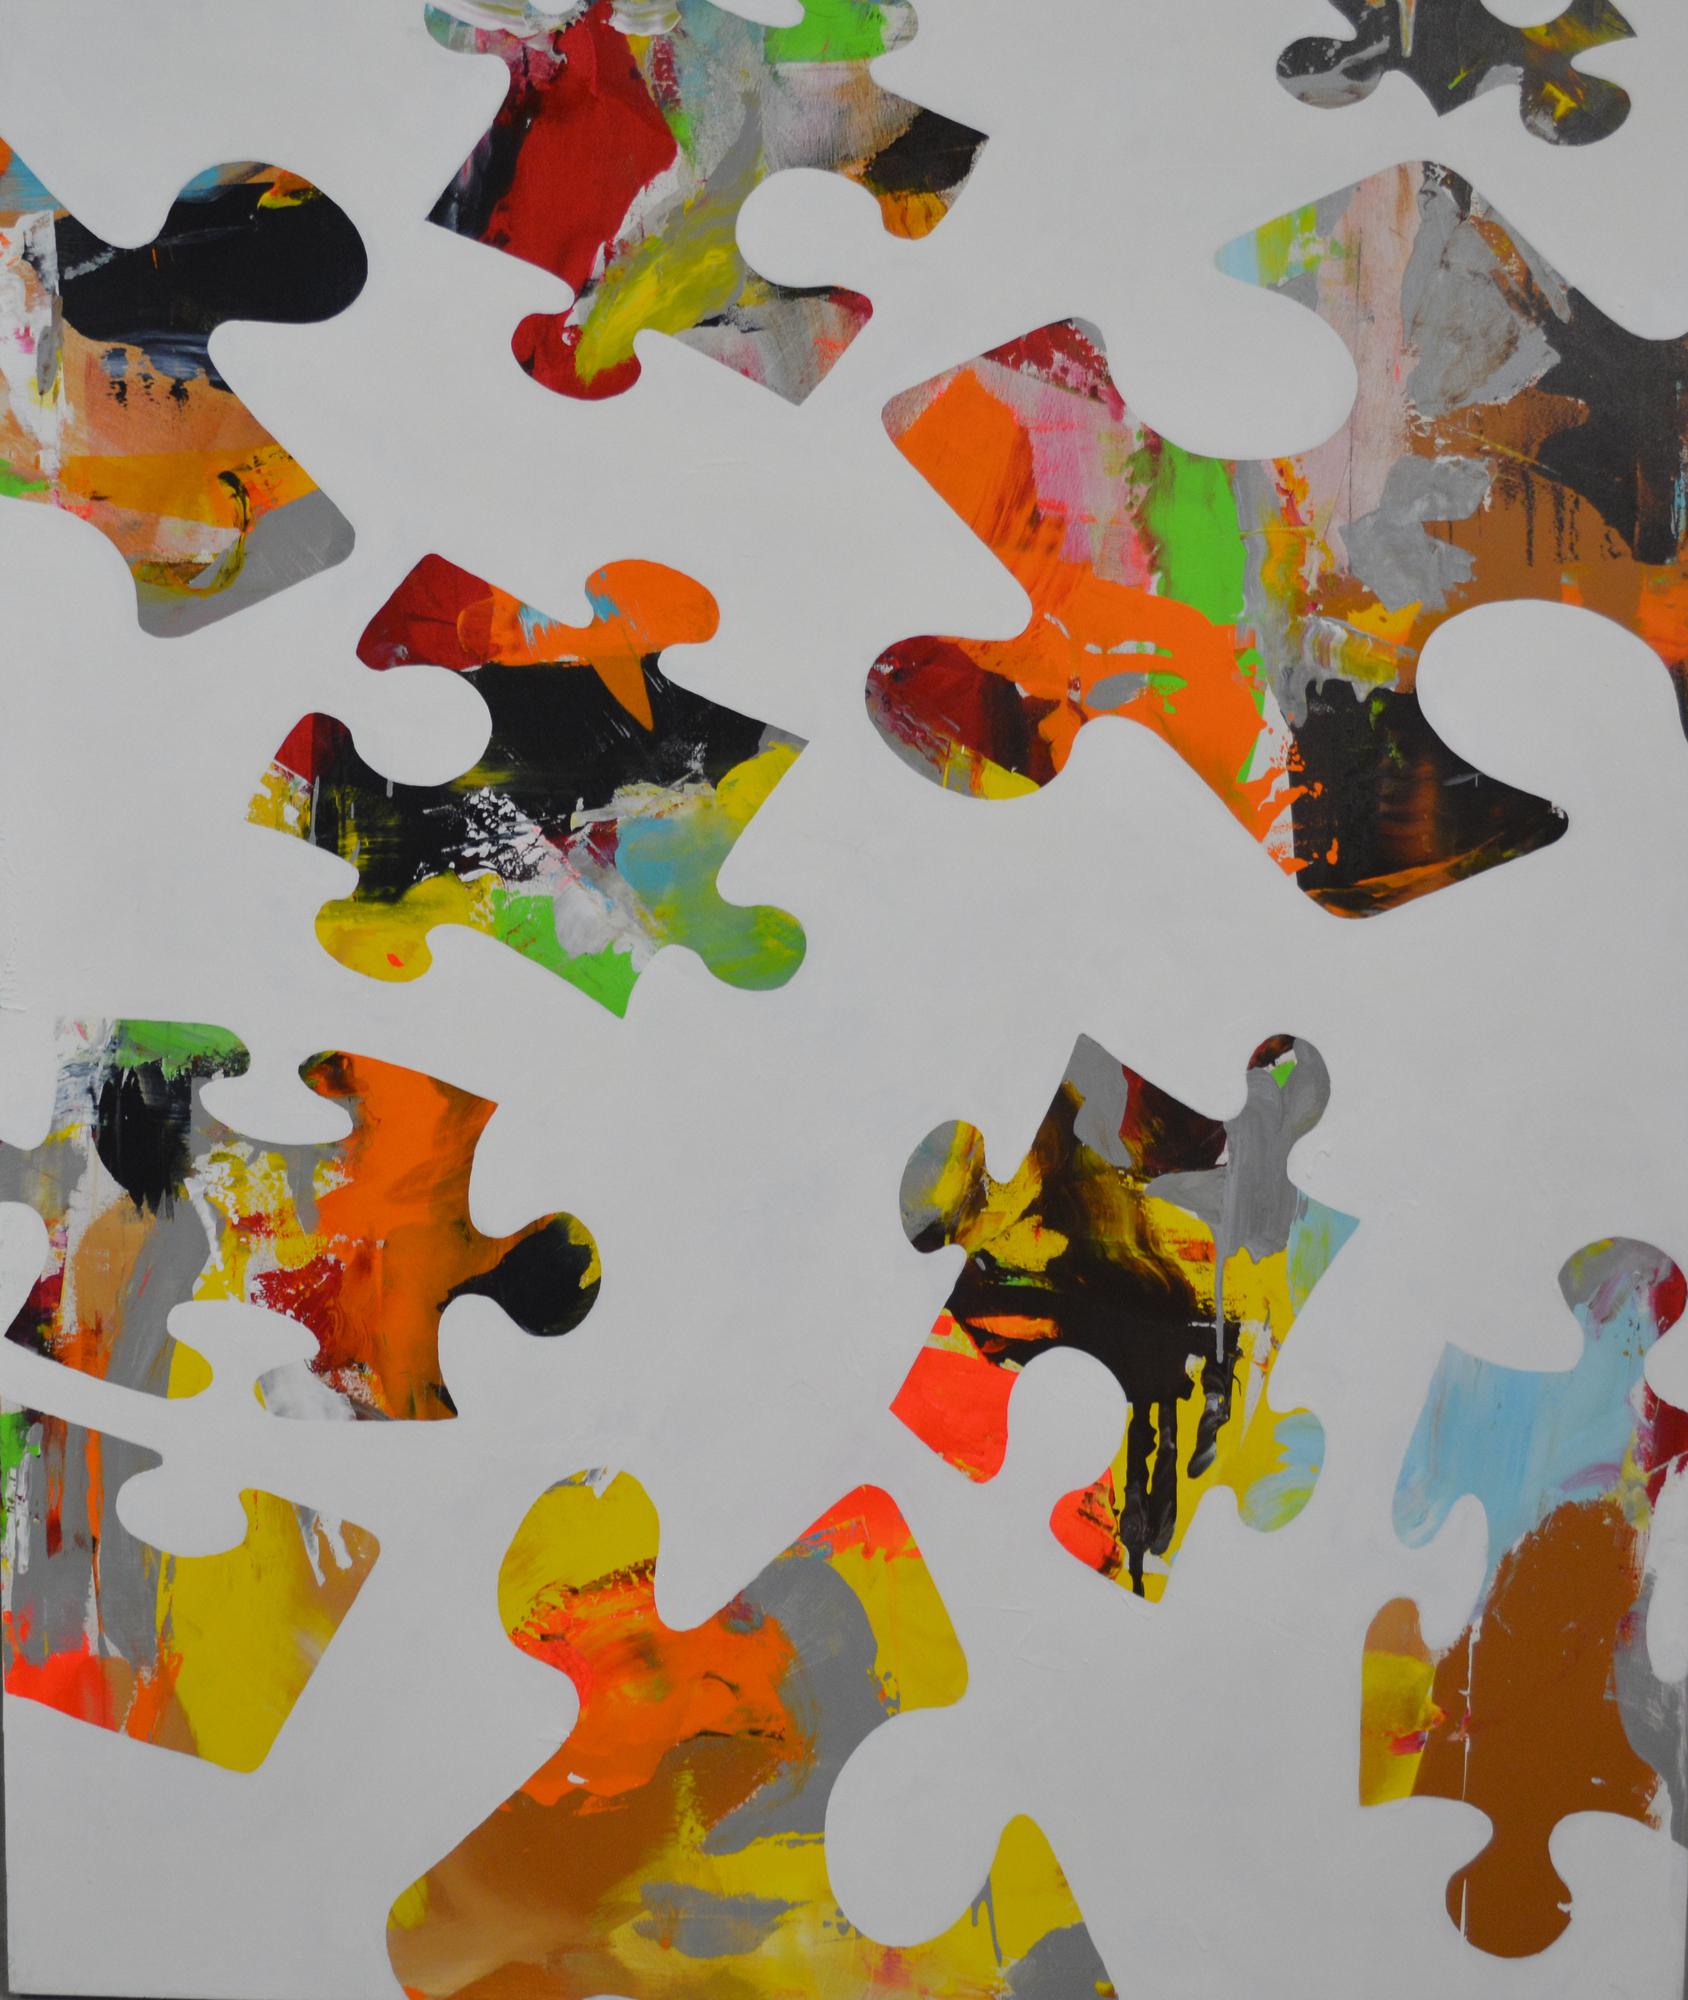 puzzle-paint-2-2.jpg